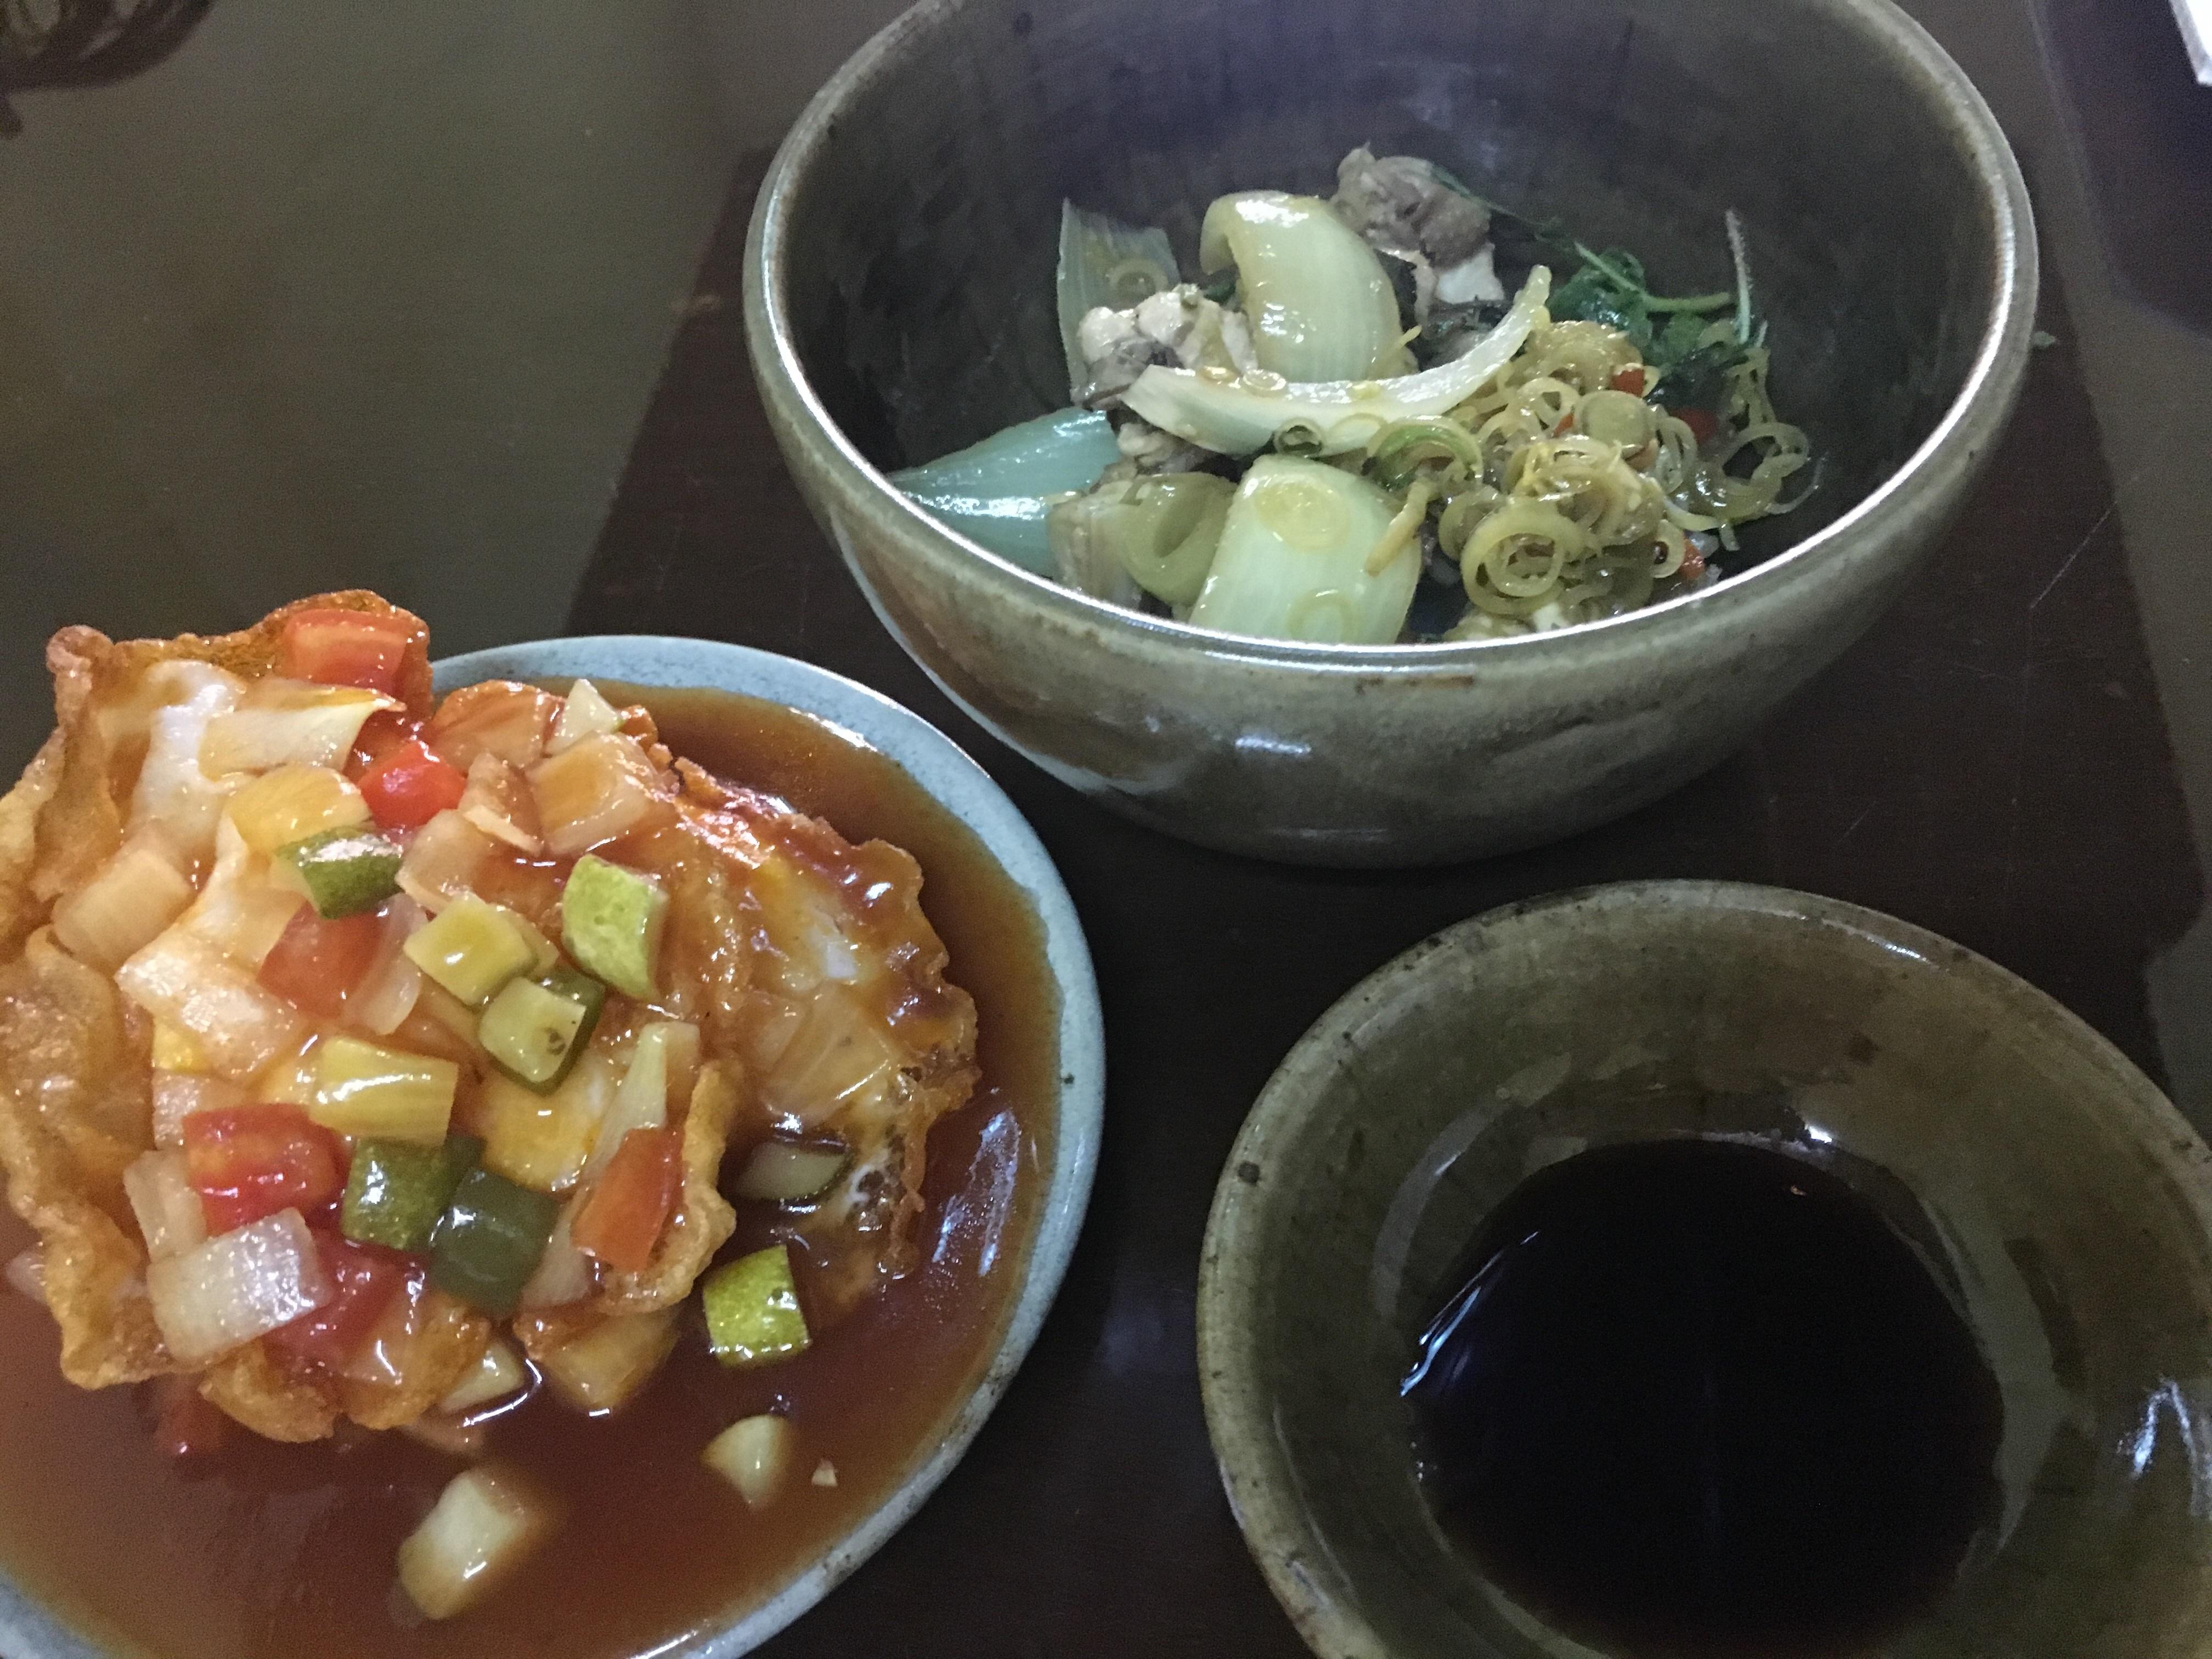 【ボンユキ社長ブログ-2-】日常の楽しみ「陽子ランチ」